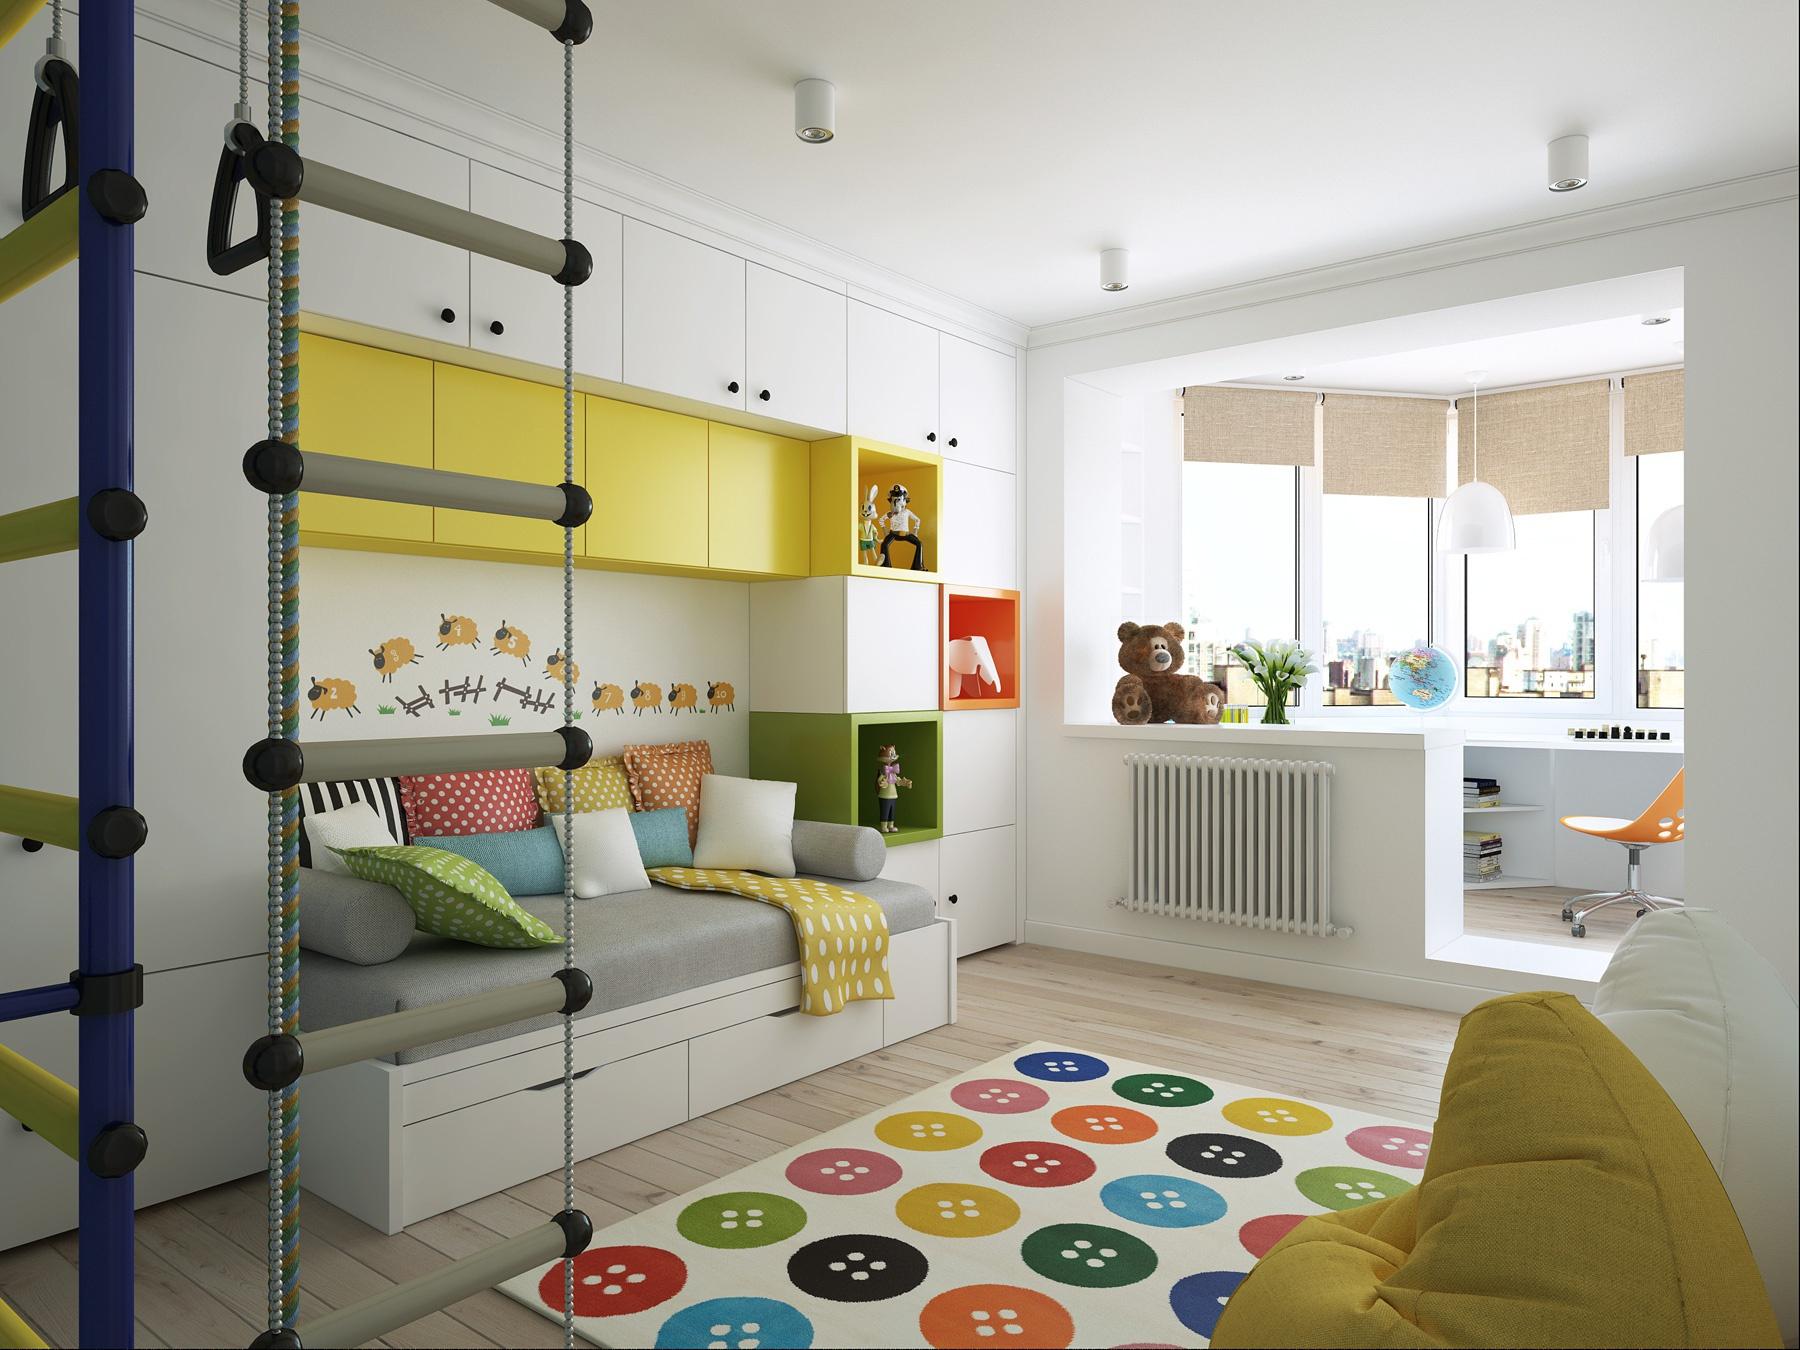 Балкон в детской комнате: варианты использования